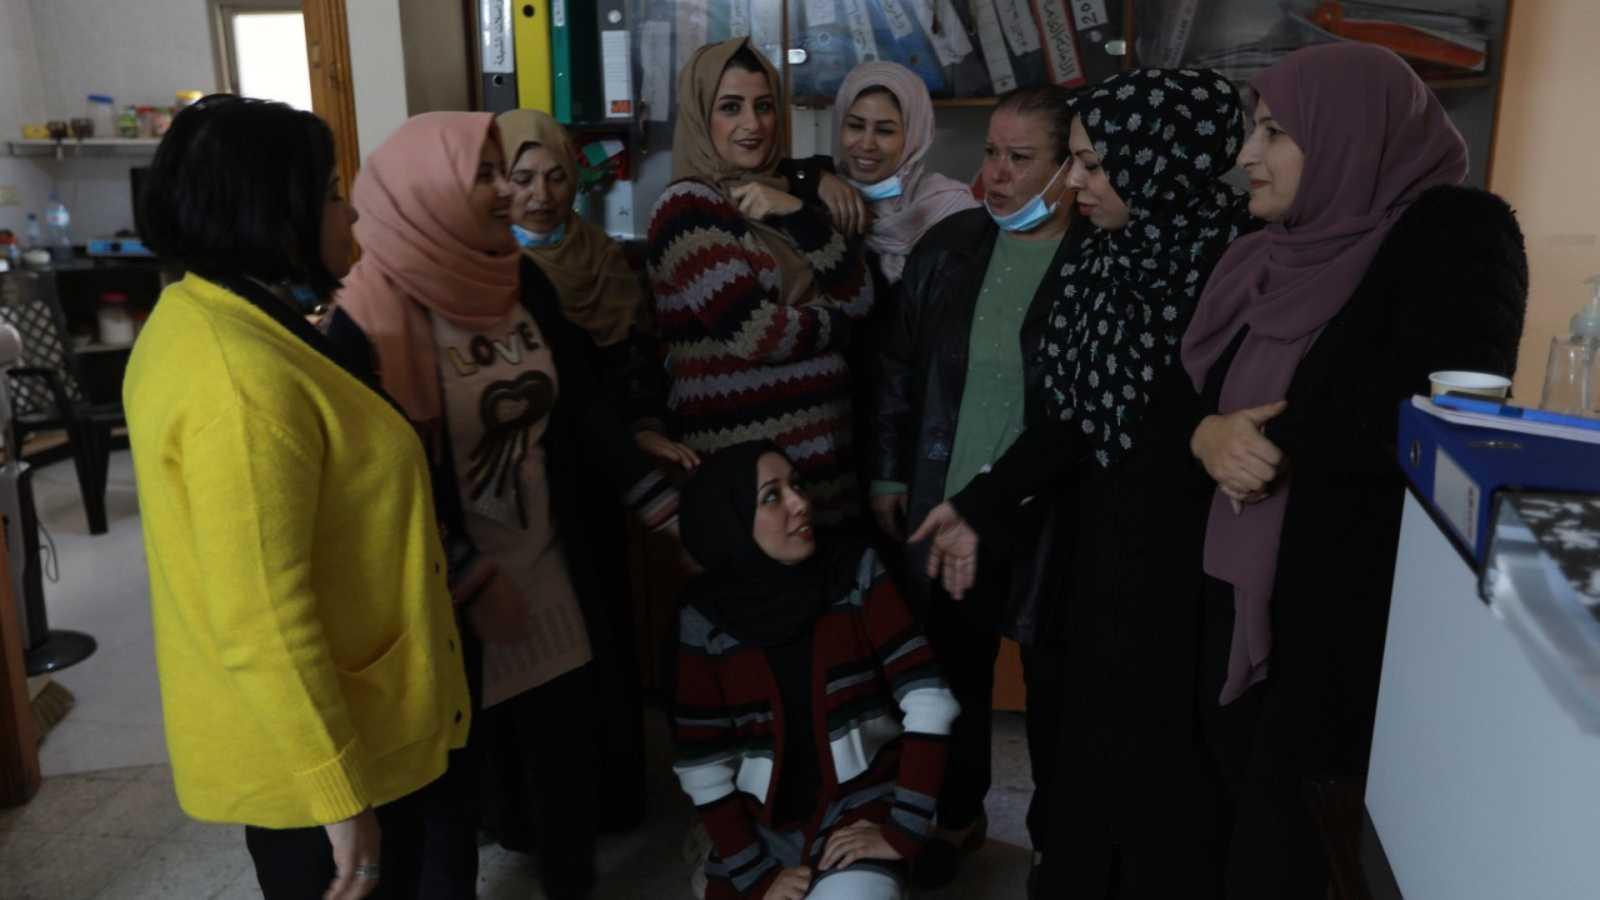 Reportajes 5 Continentes - Mujeres bajo el bloqueo en la Franja de Gaza - Escuchar ahora